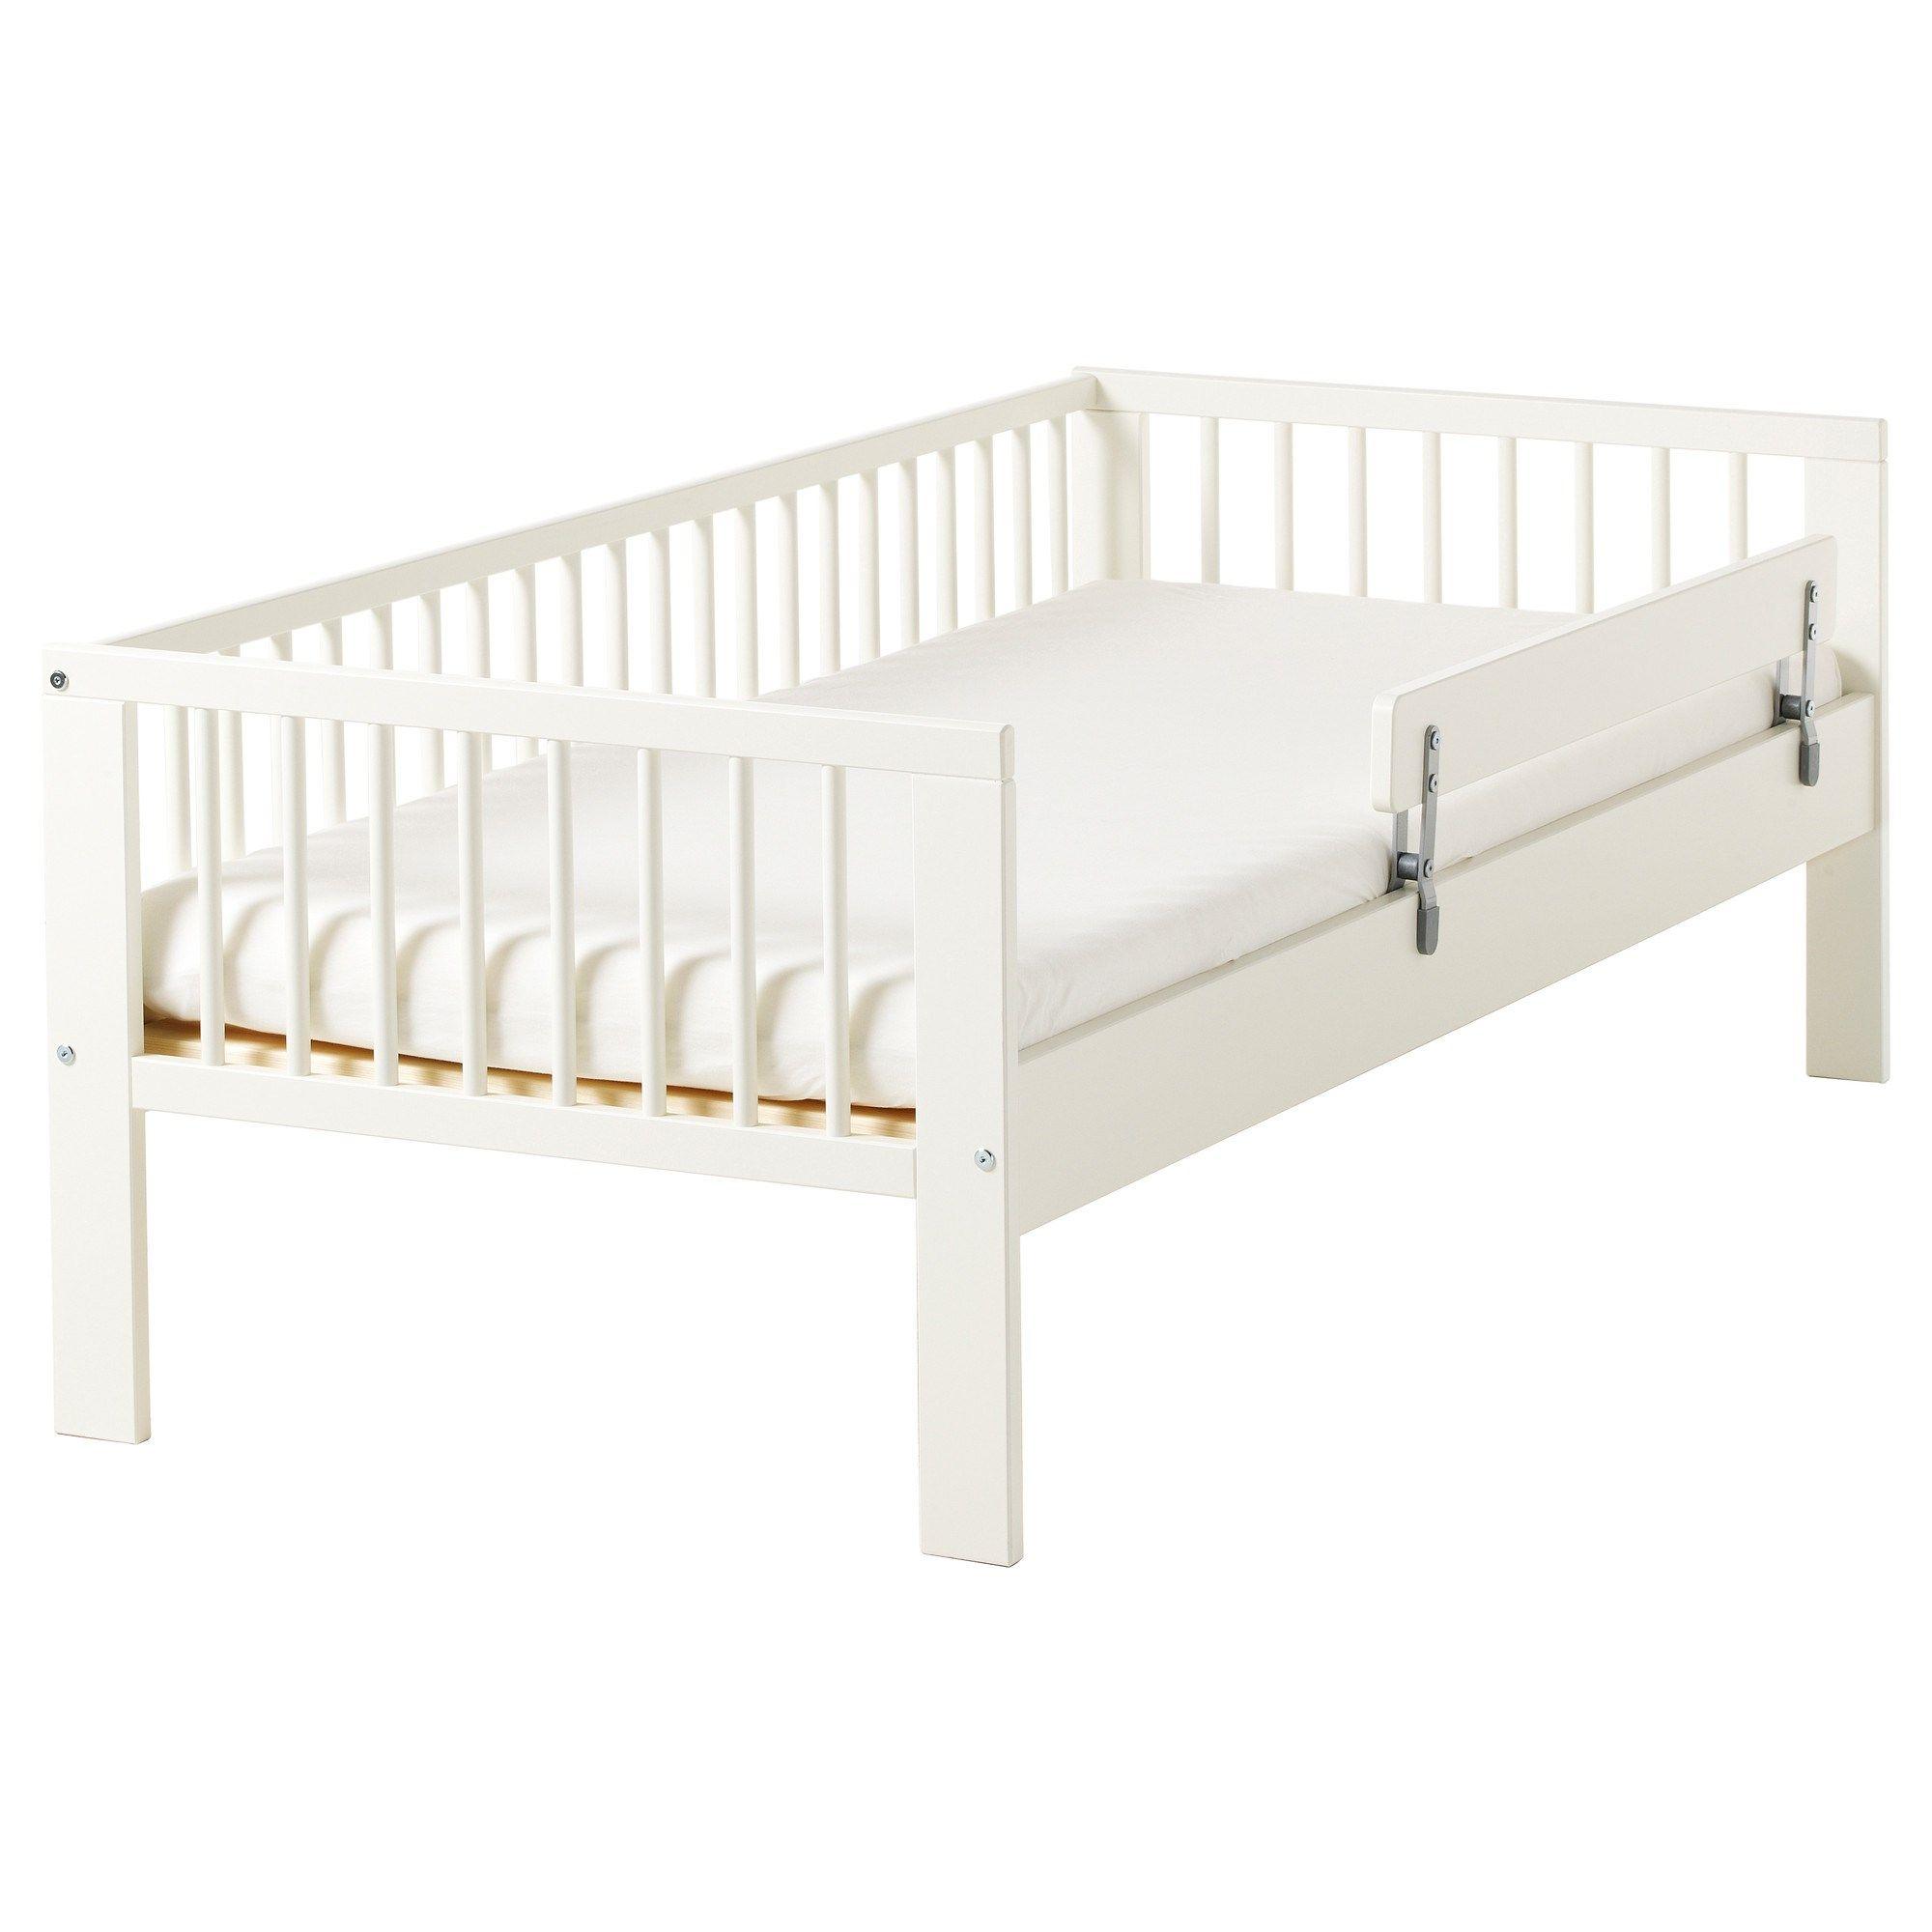 Wonderbaarlijk GULLIVER çocuk karyolası beyaz 70x160 cm | IKEA IKEA Çocuk | Decor UP-04